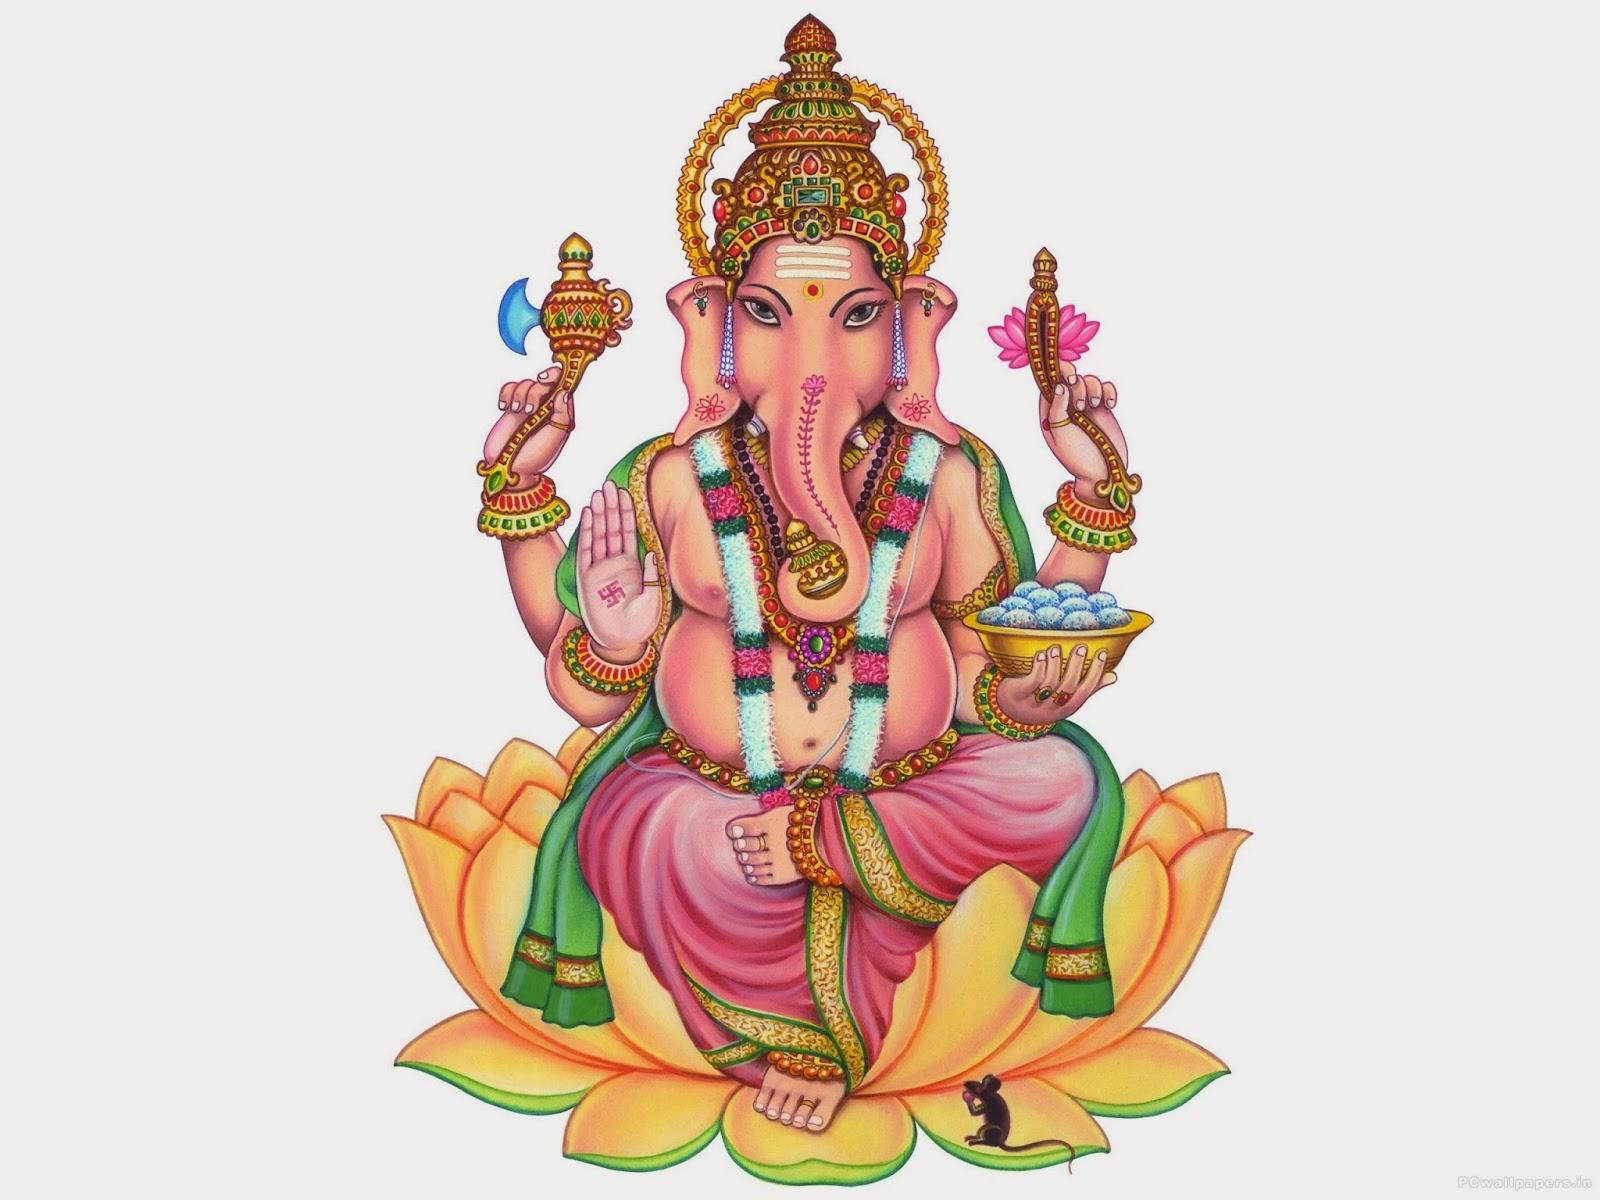 Happy Diwali with ganpatibapa in lotus (Wallpaper groups)